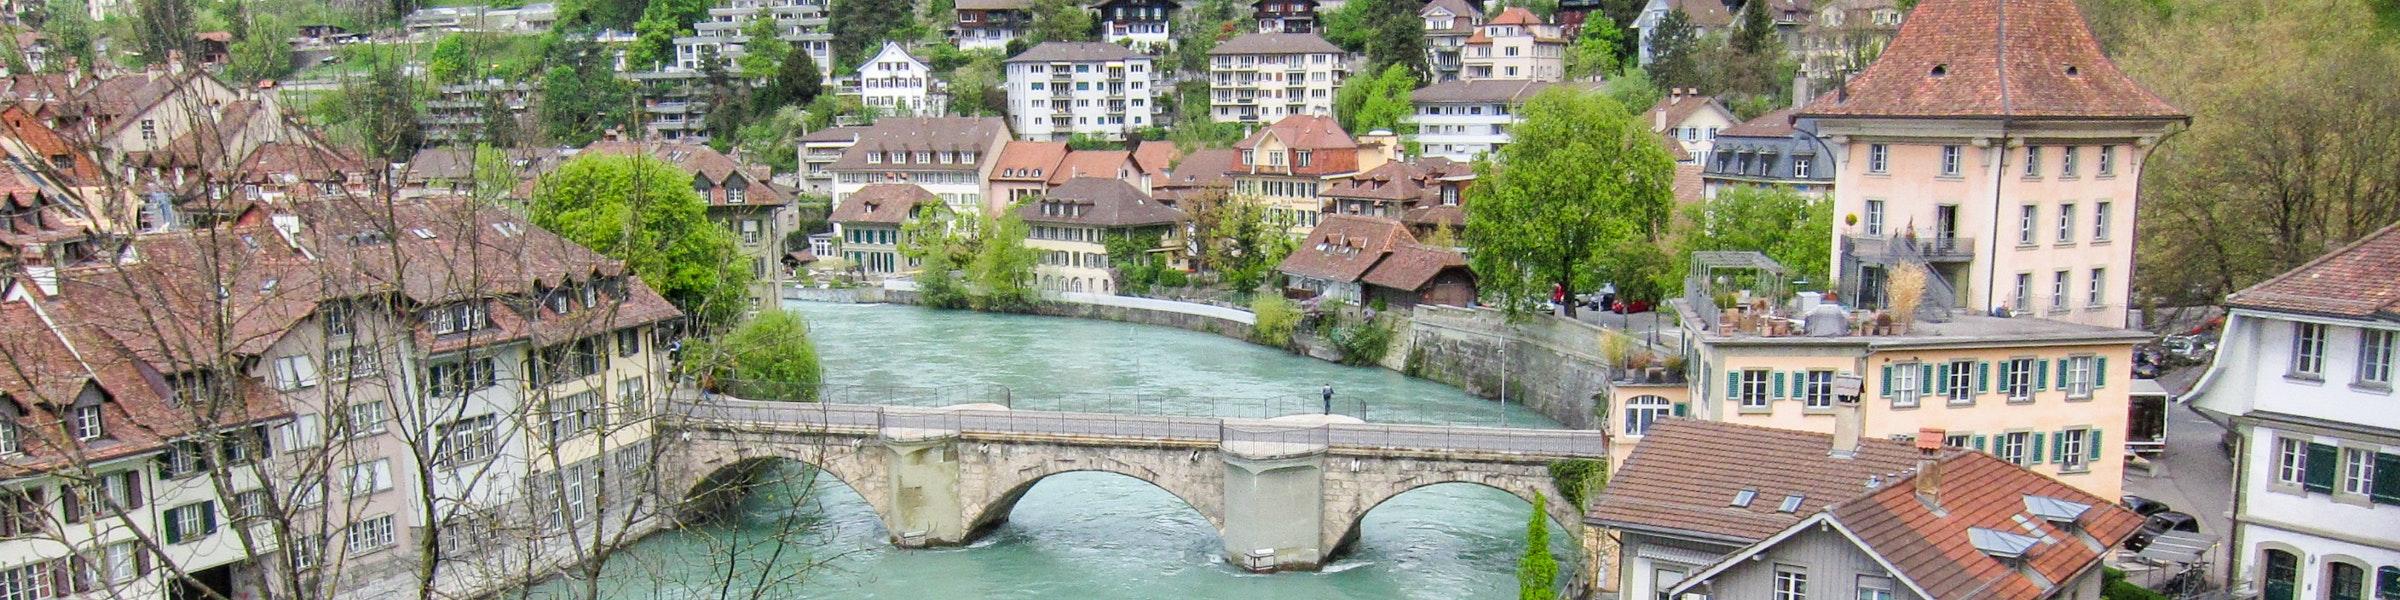 Oude stad van Bern